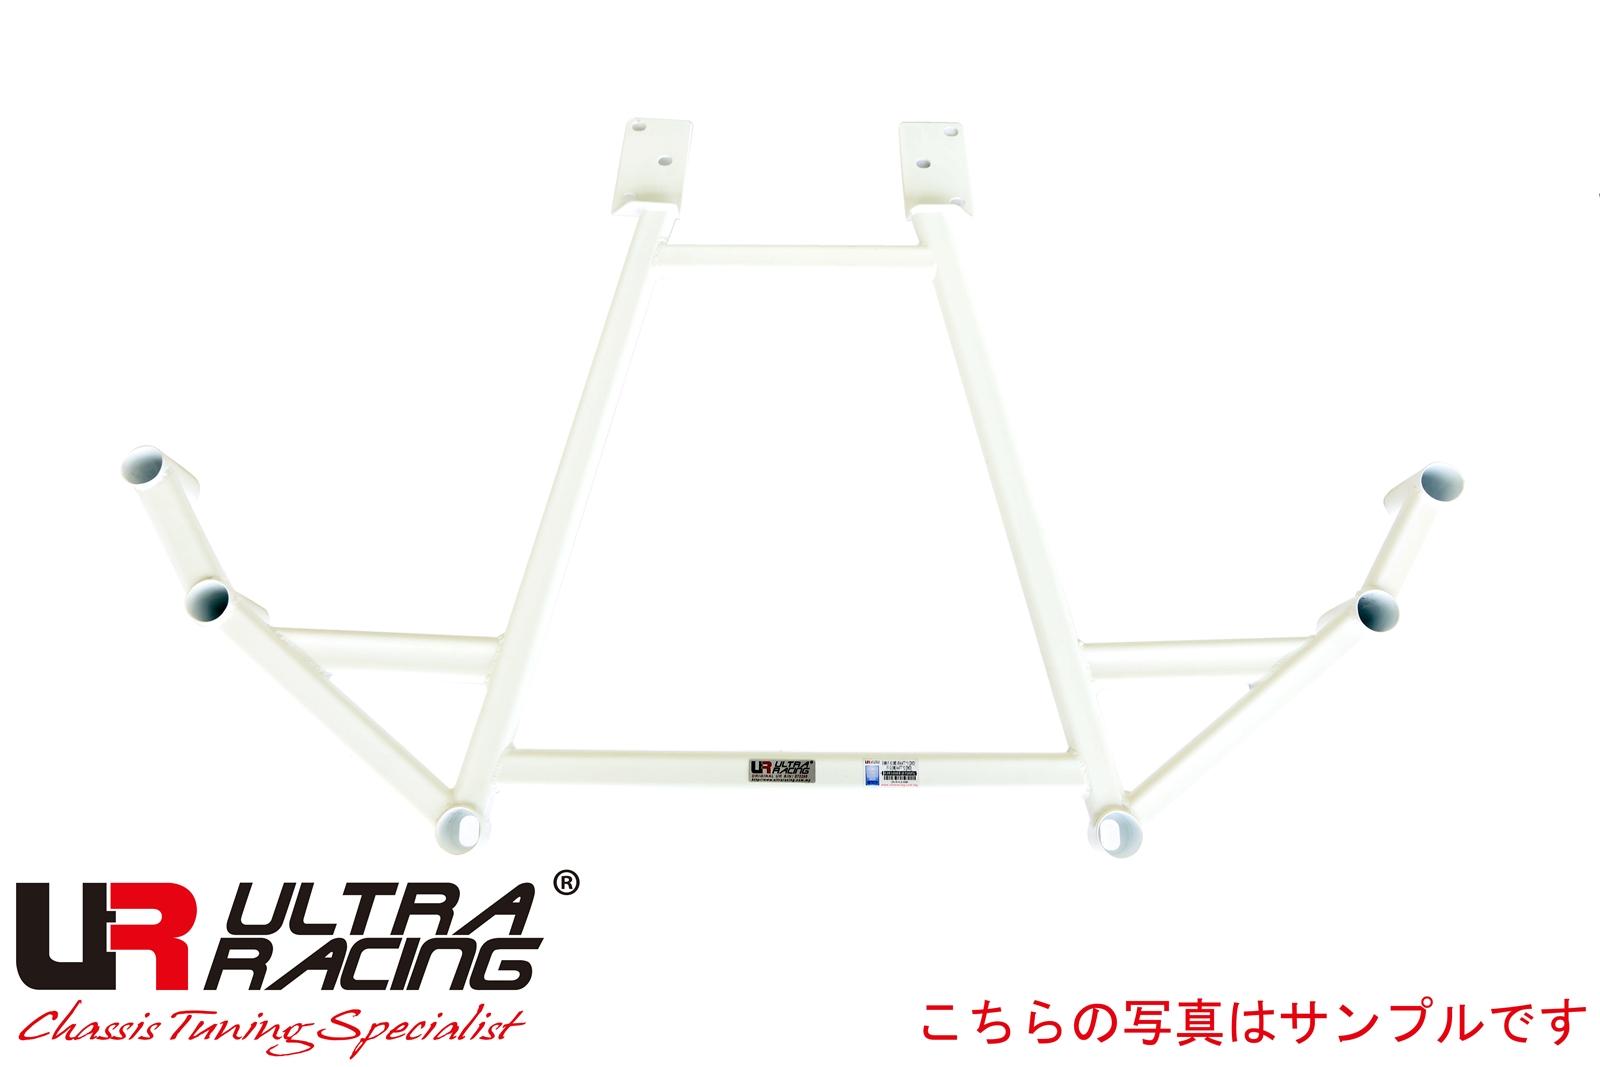 世界中で愛用されるボディ補強パーツ ULTRARACING ウルトラレーシング リアメンバーブレース シビック FD2 ホンダ